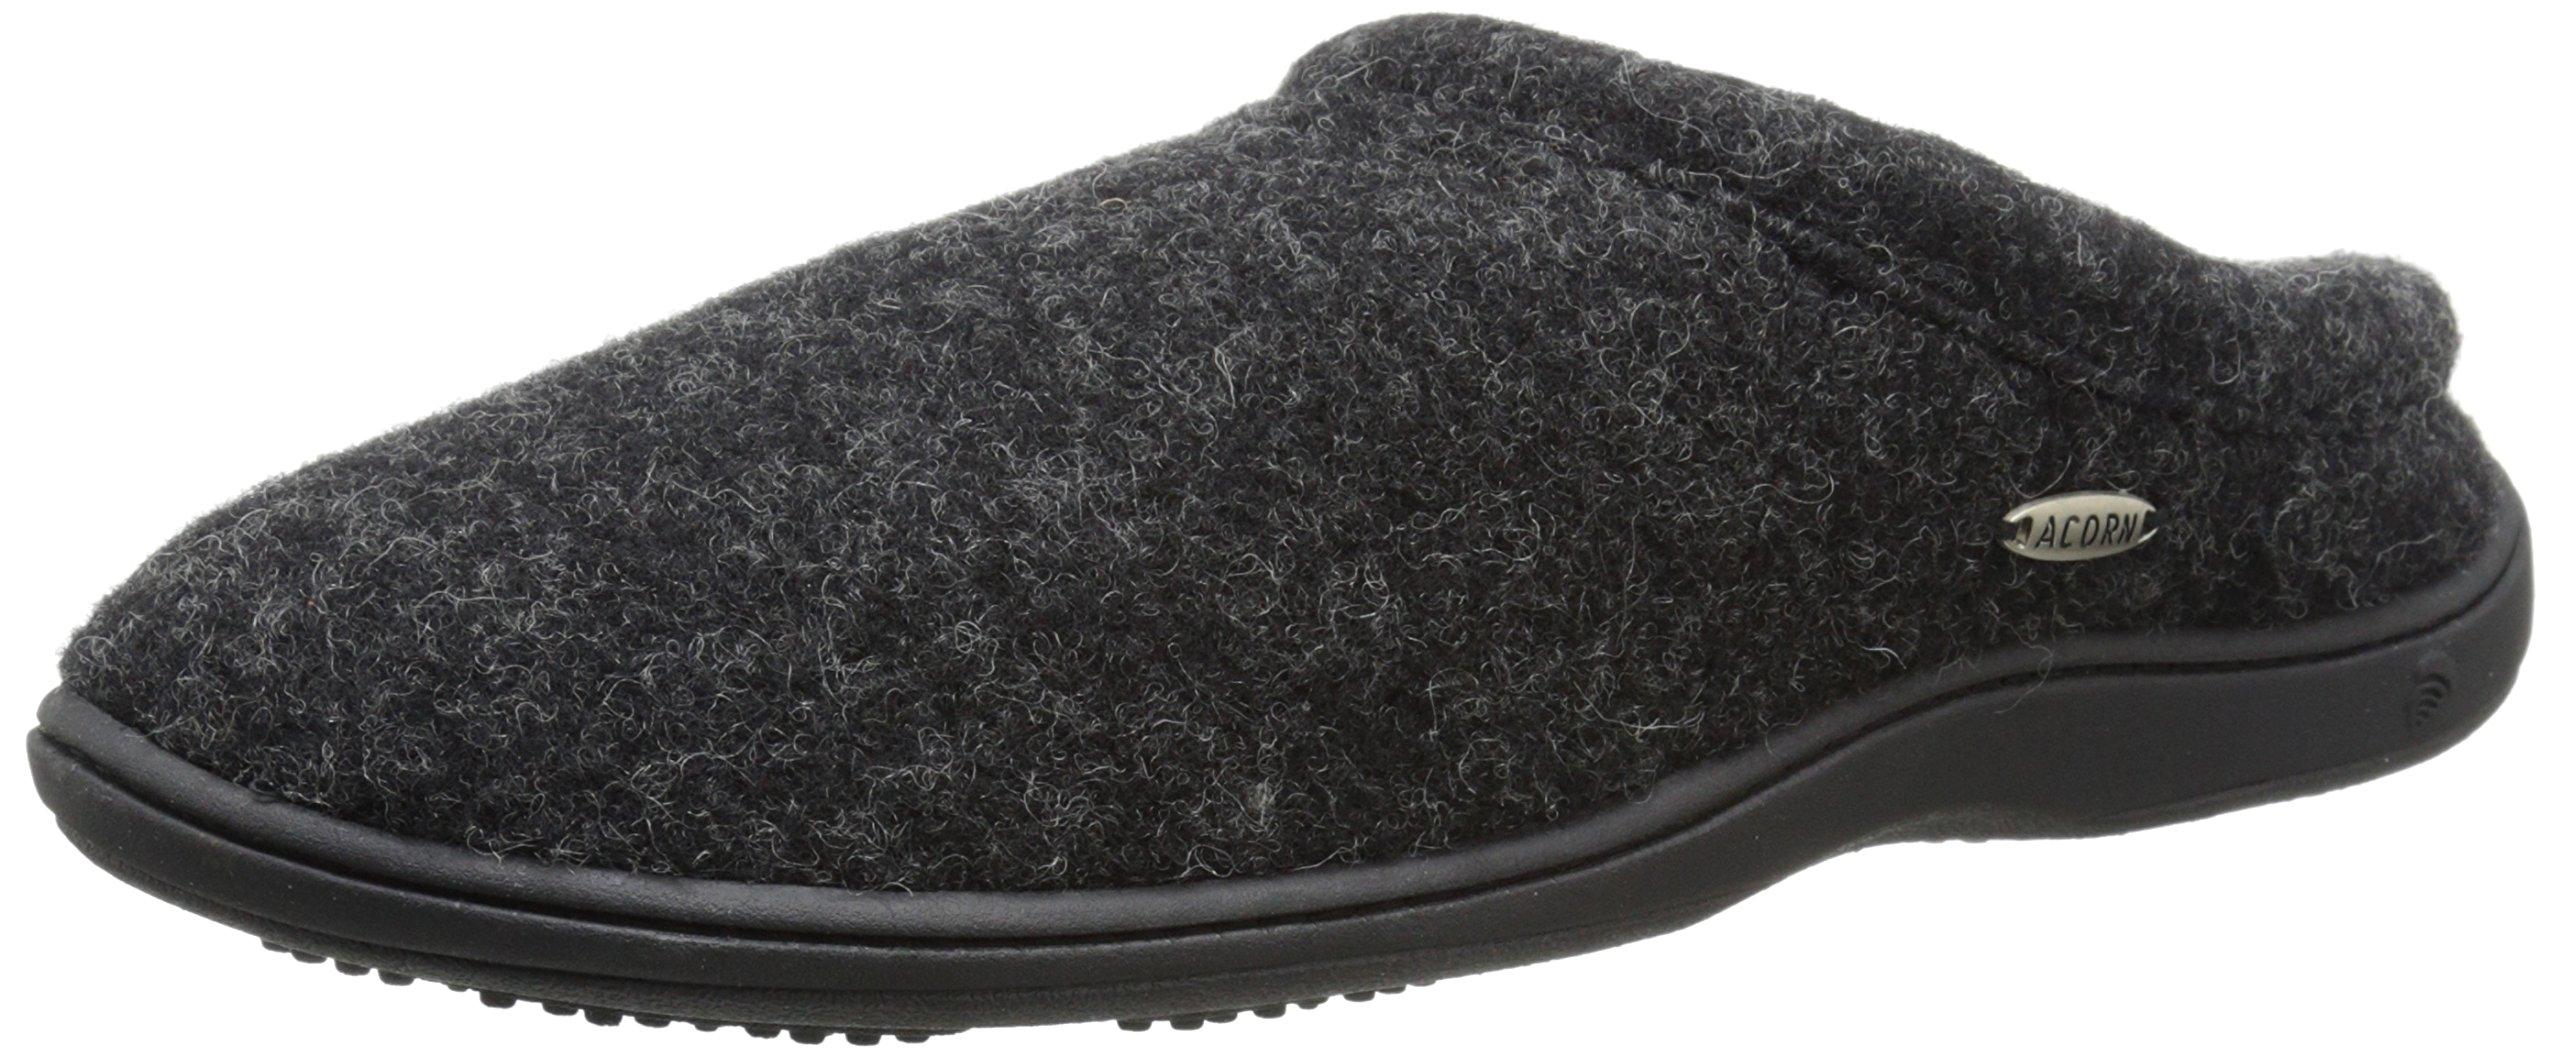 Acorn Men's Digby Gore, Black Tweed, Large / 10.5-11.5 by Acorn